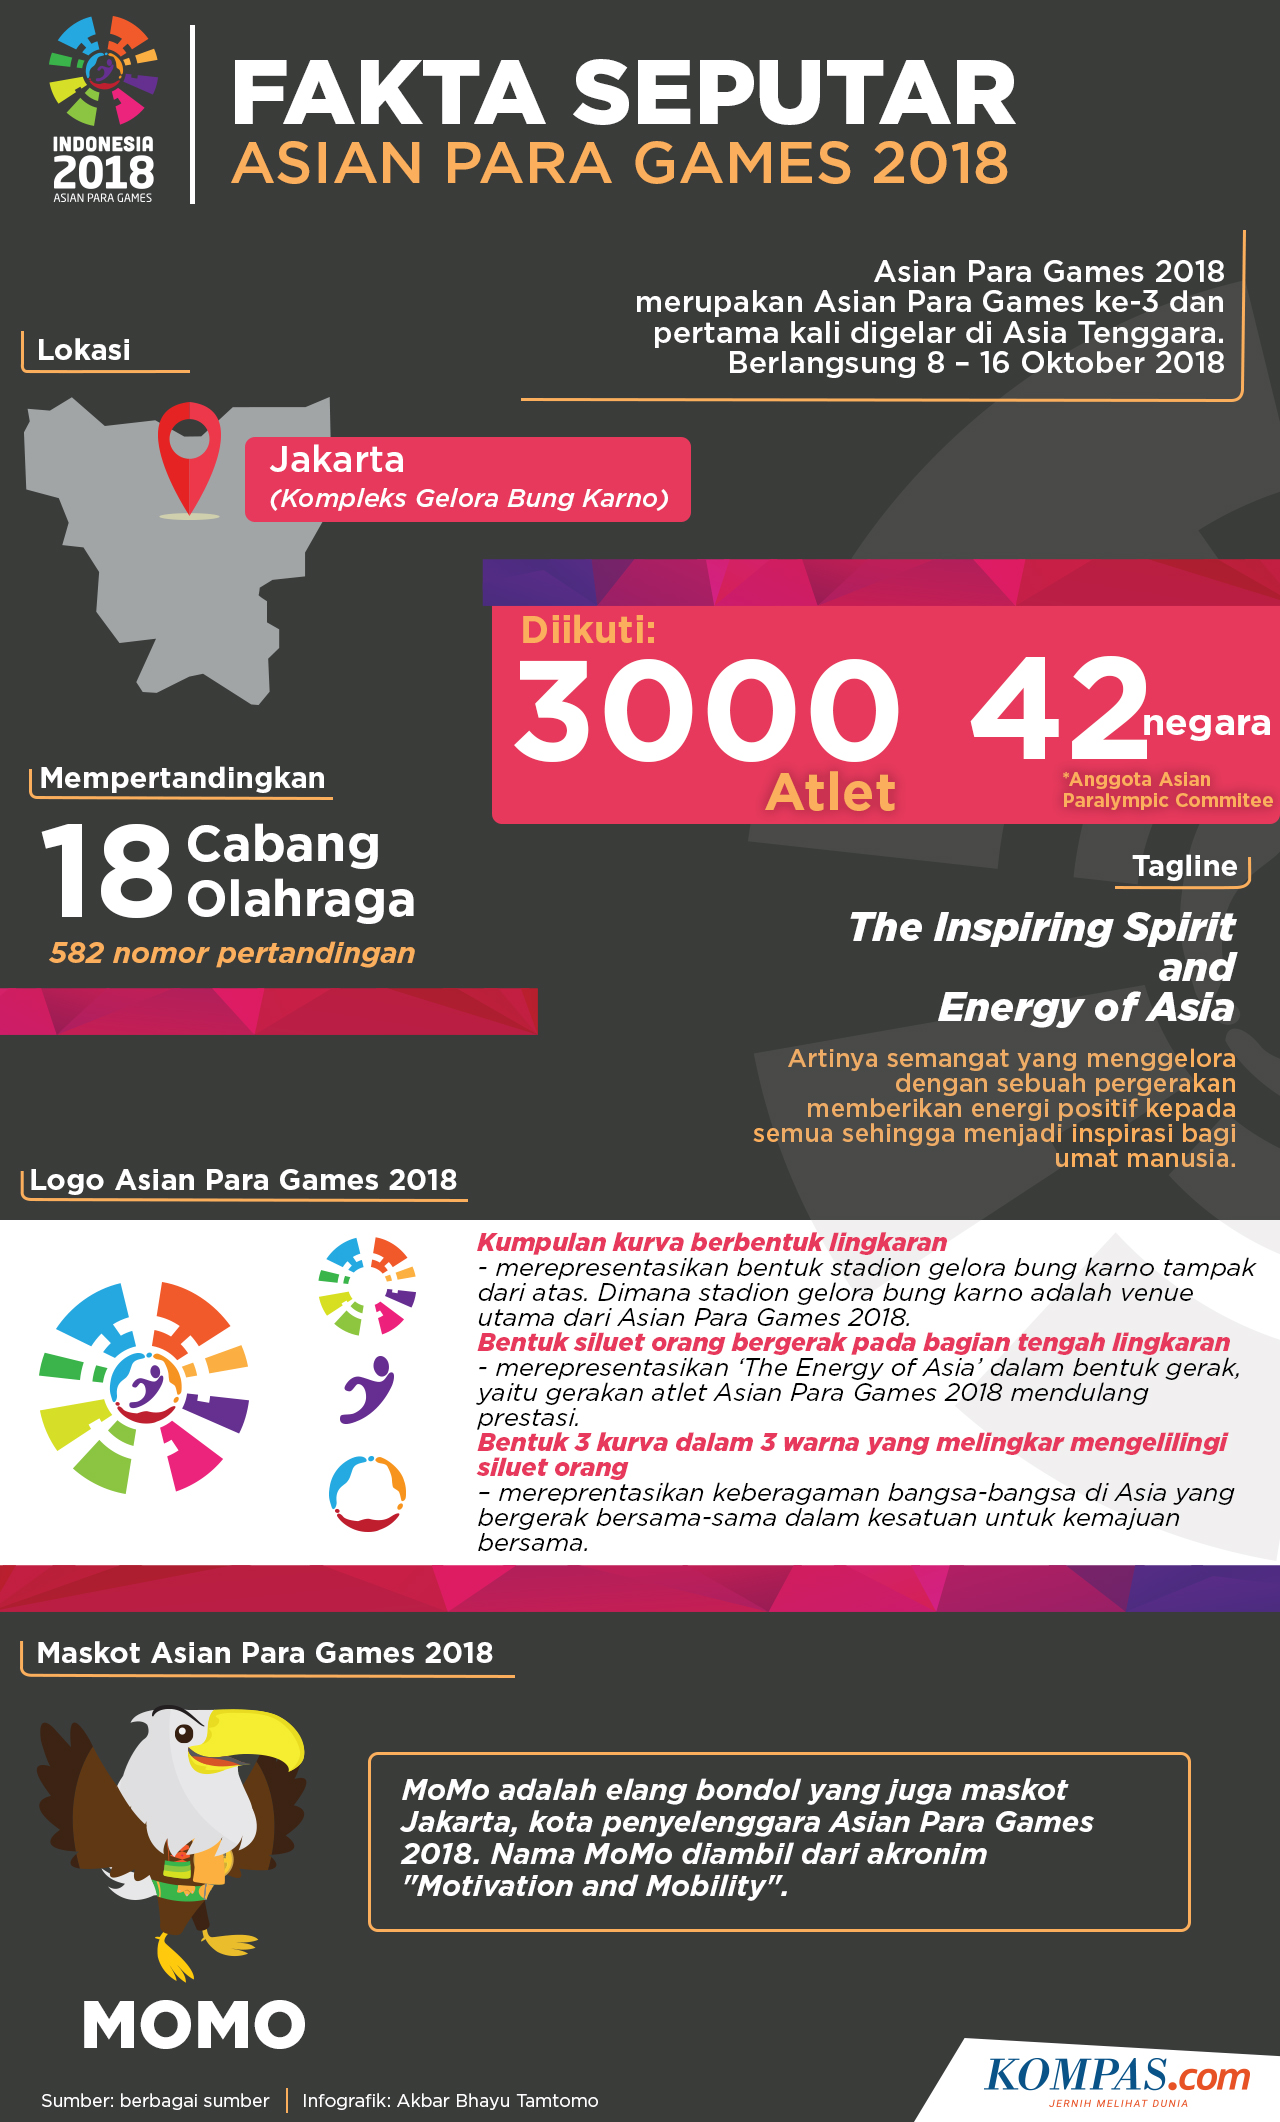 Fakta Seputar Asian Para Games 2018.